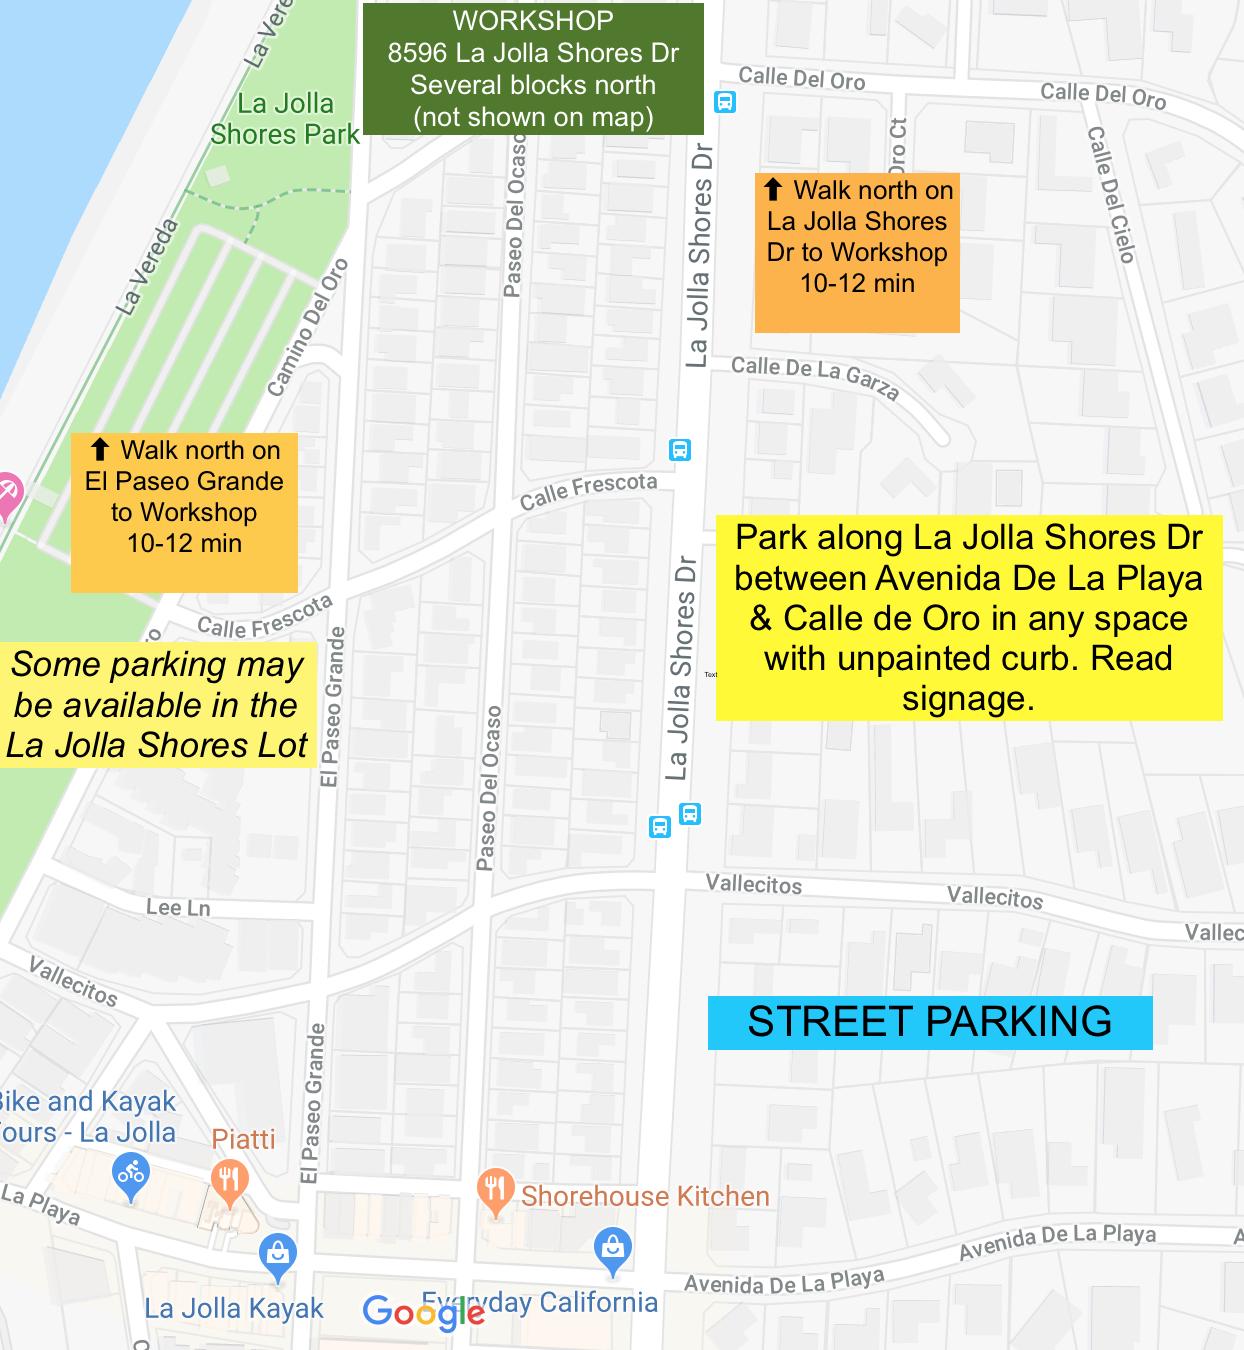 Street Parking.jpg.png